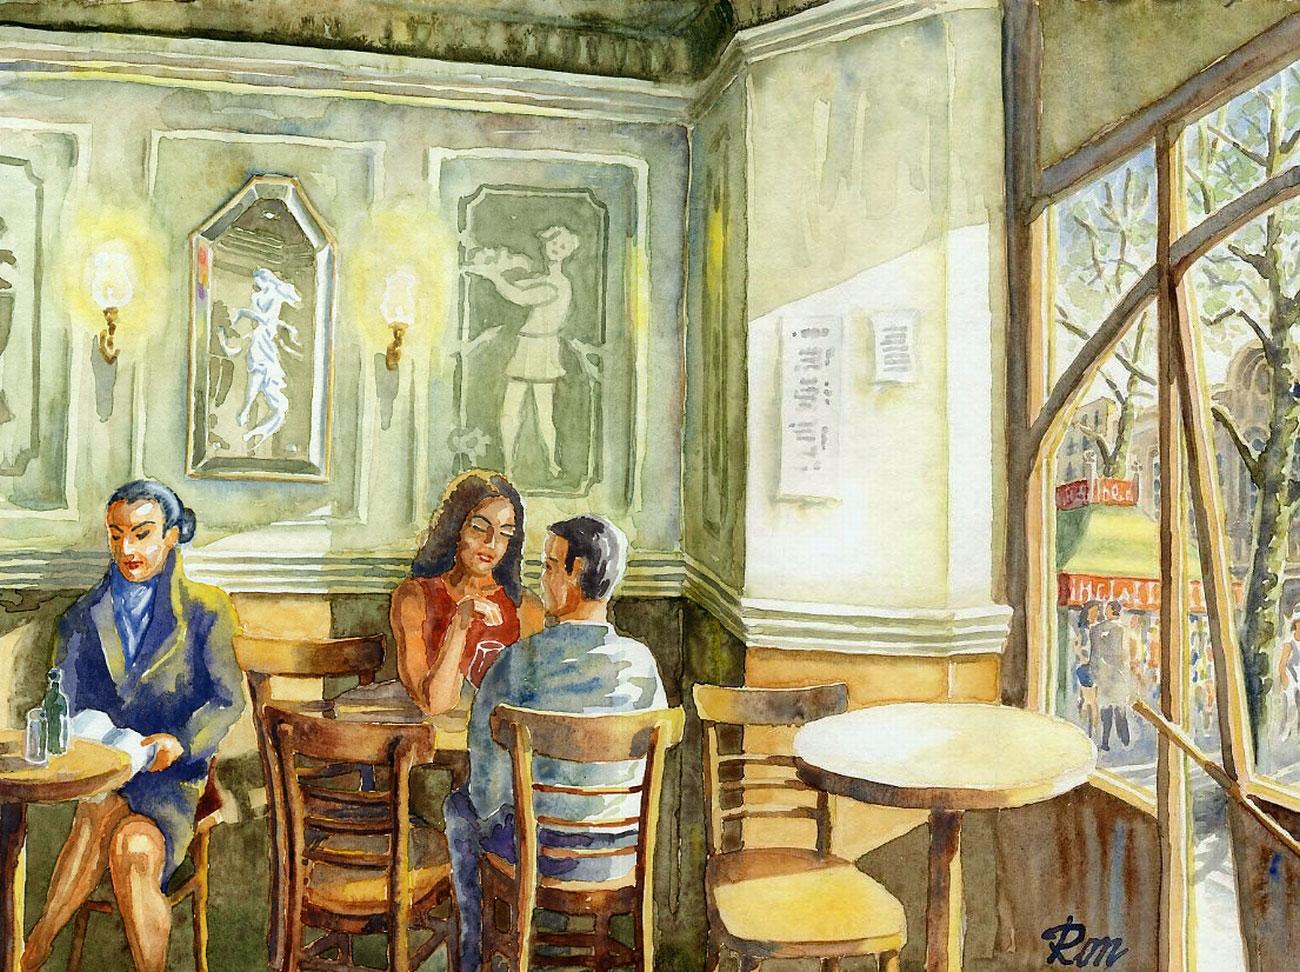 desayuno en el viejo bar | blocdejavier